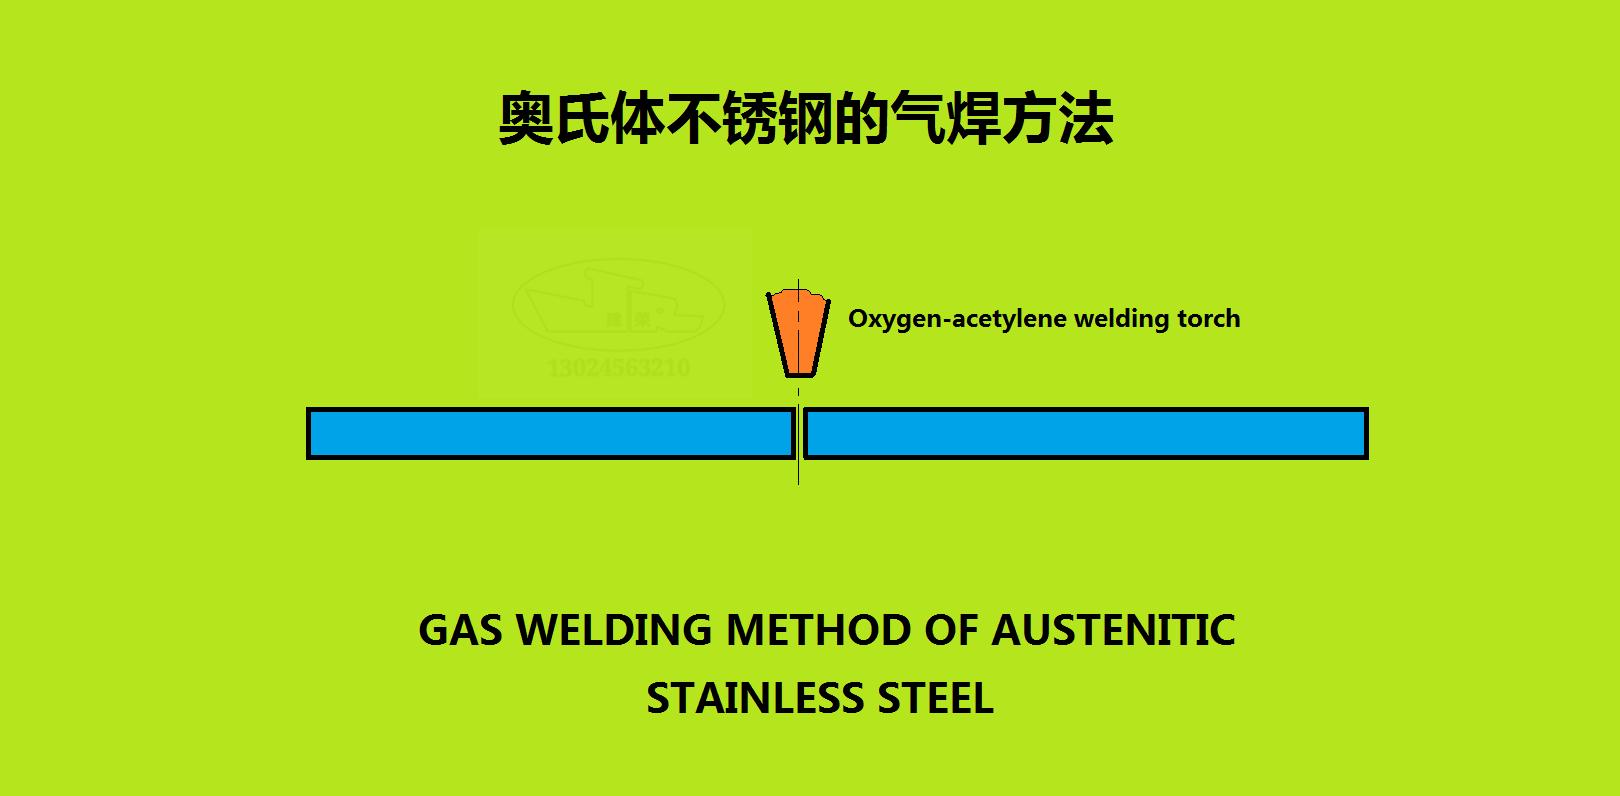 奥氏体不锈钢的气焊方法